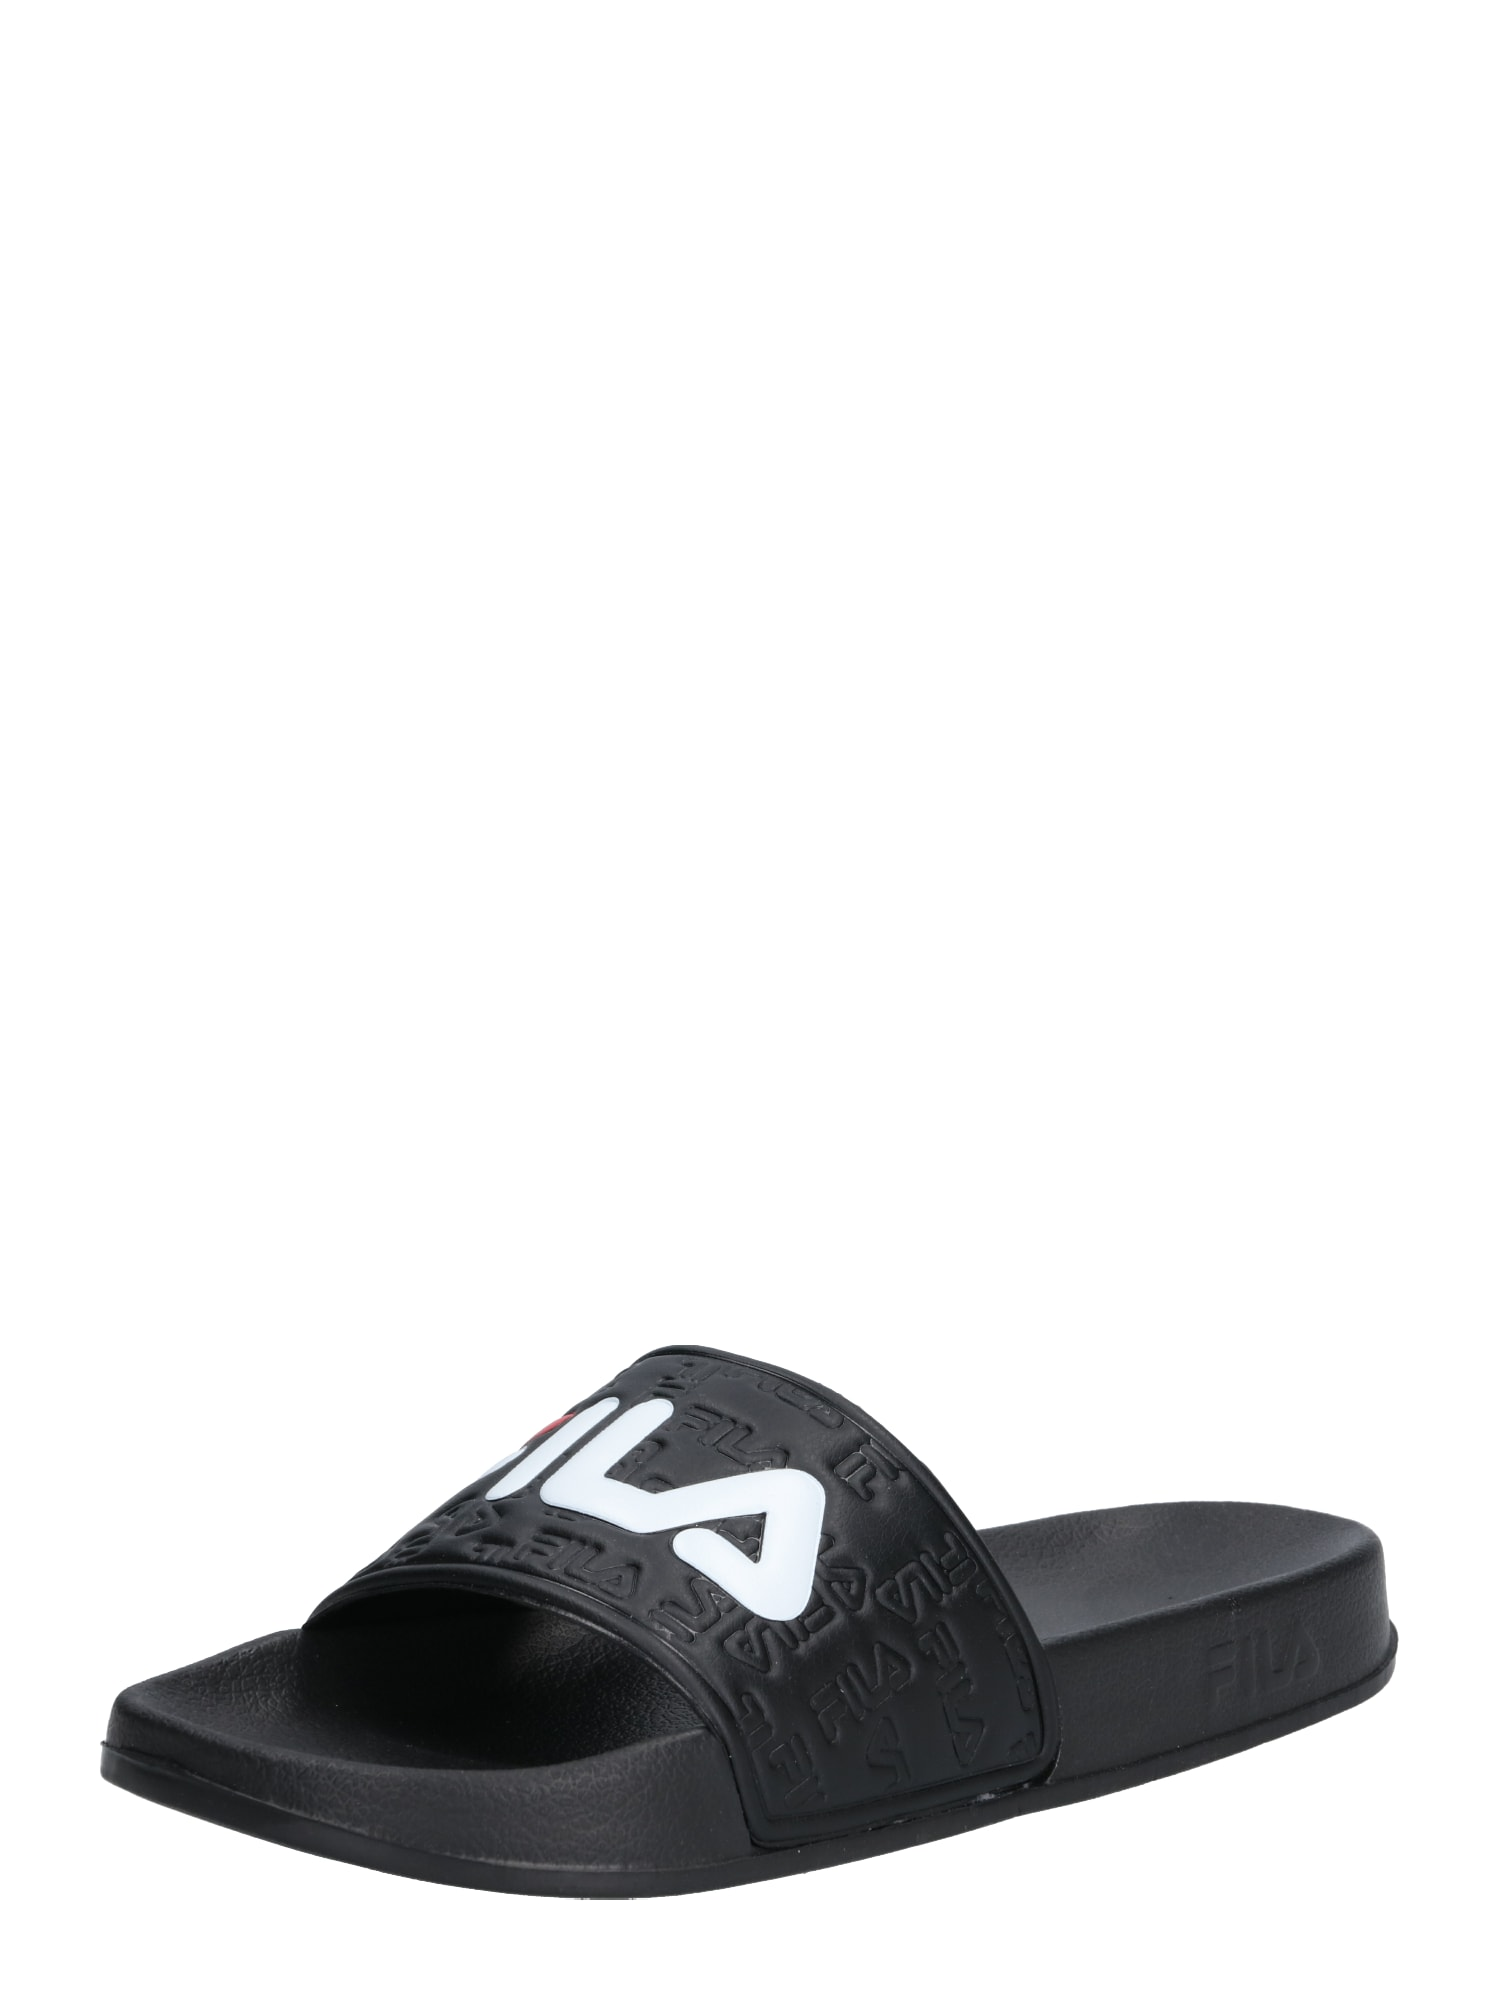 Pantofle Boardwalk Slipper červená černá bílá FILA